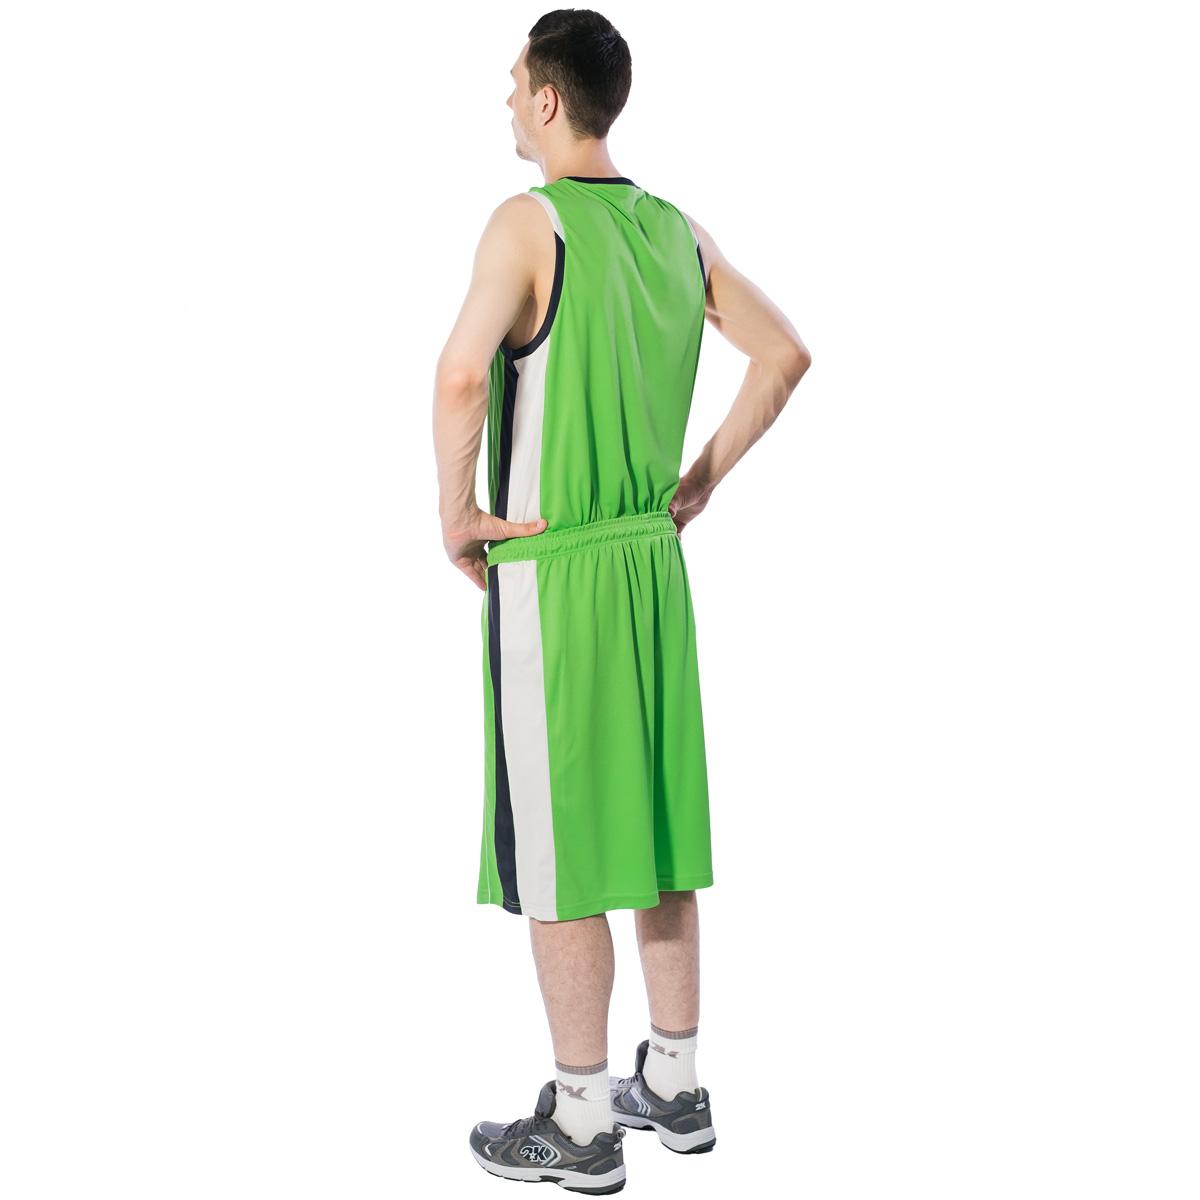 Шорты баскетбольные мужские 2K Sport Advance, цвет:  светло-зеленый, темно-синий, белый.  130031.  Размер L (50) 2K Sport